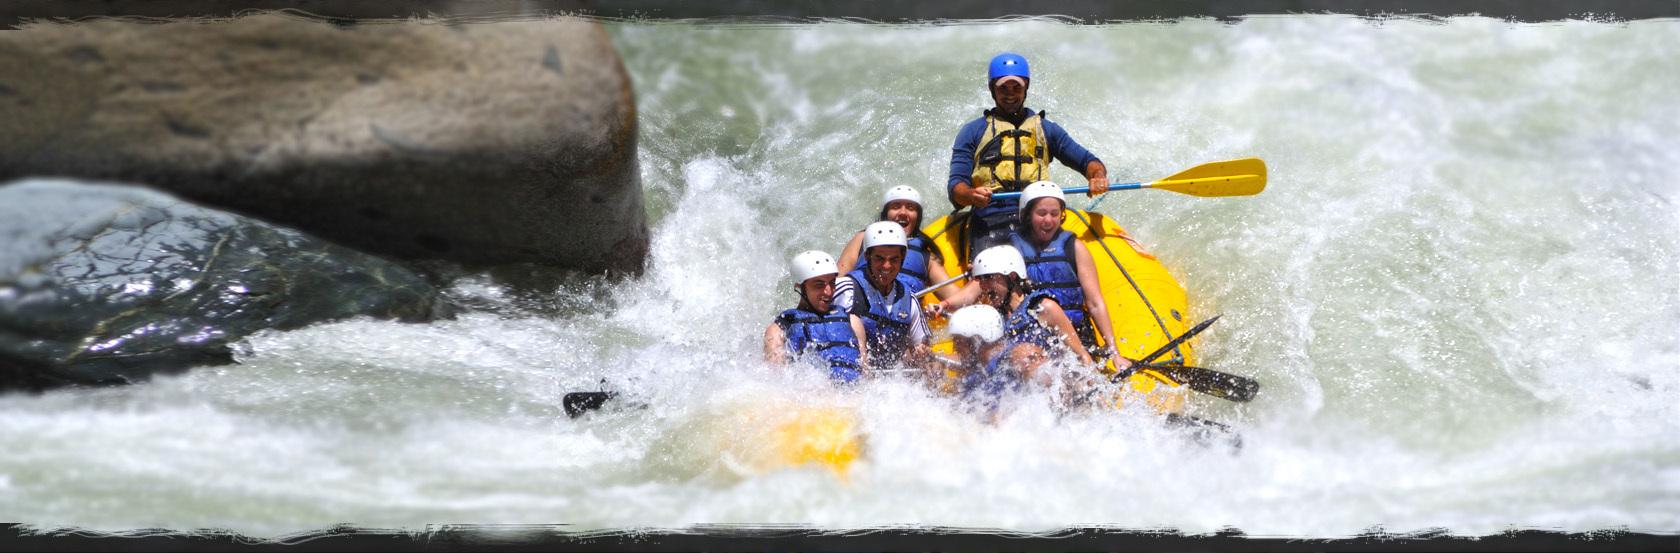 rafting01_rsz